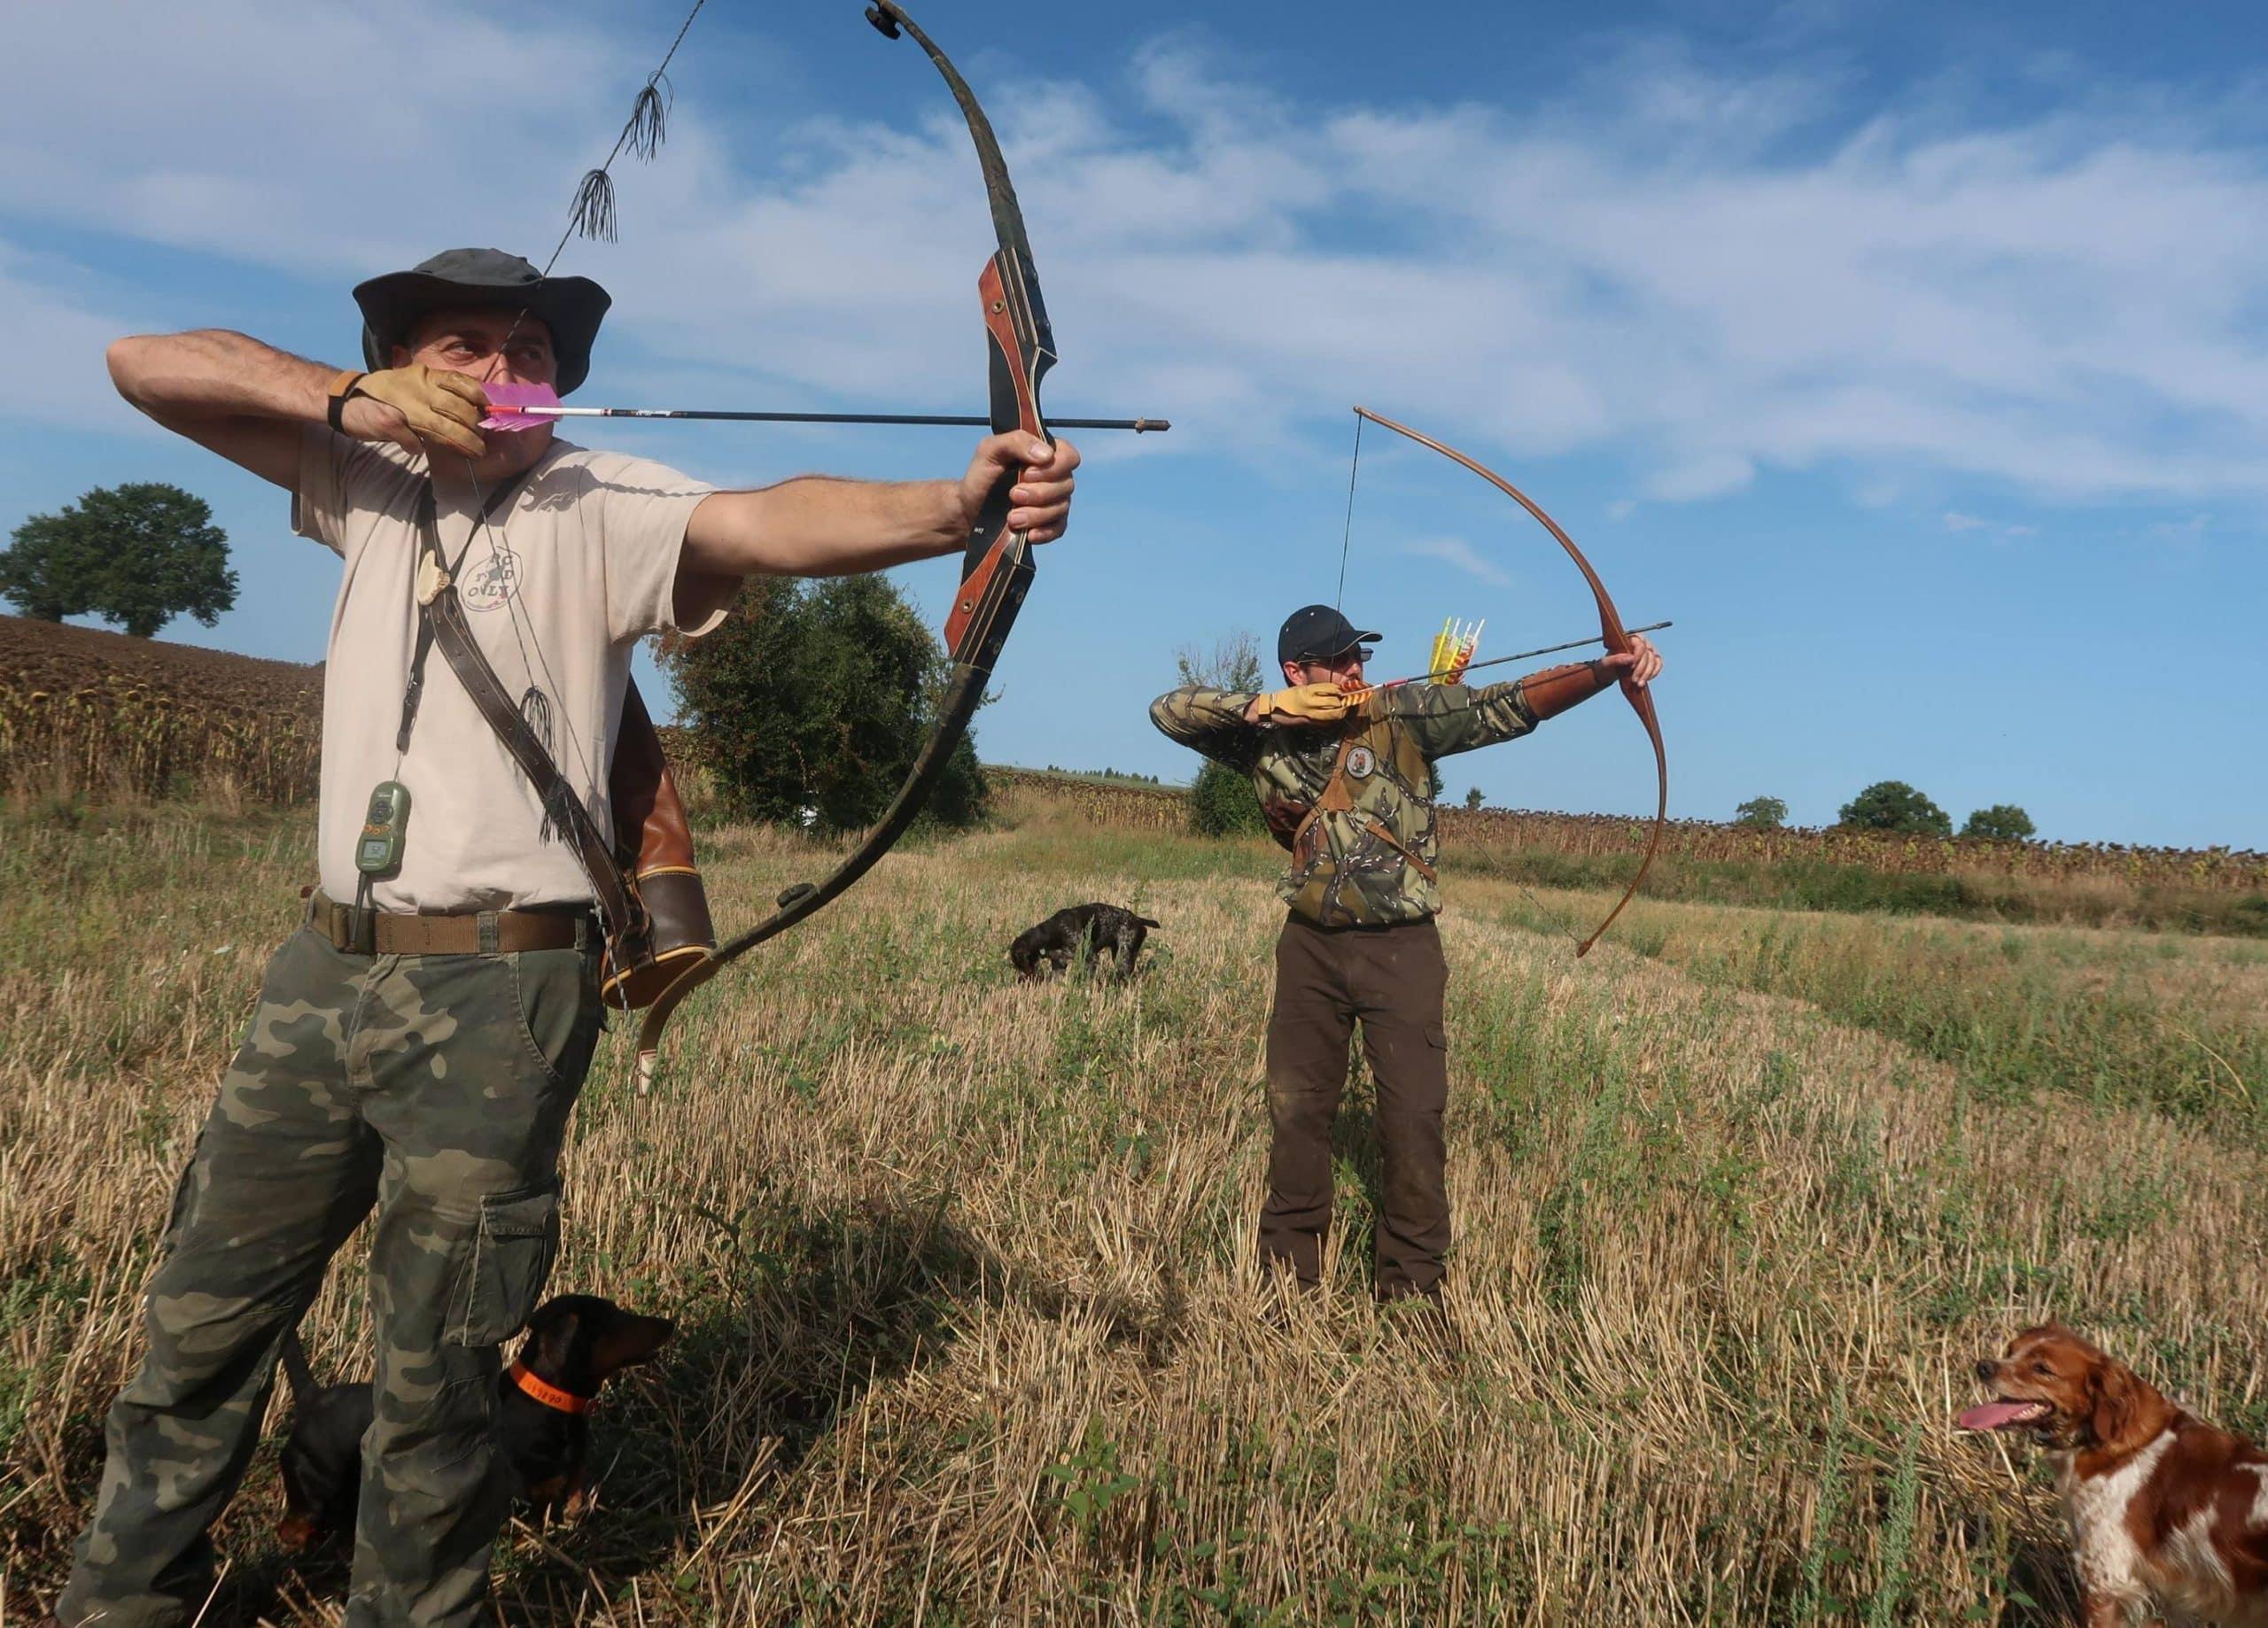 chasseurs à l'arc